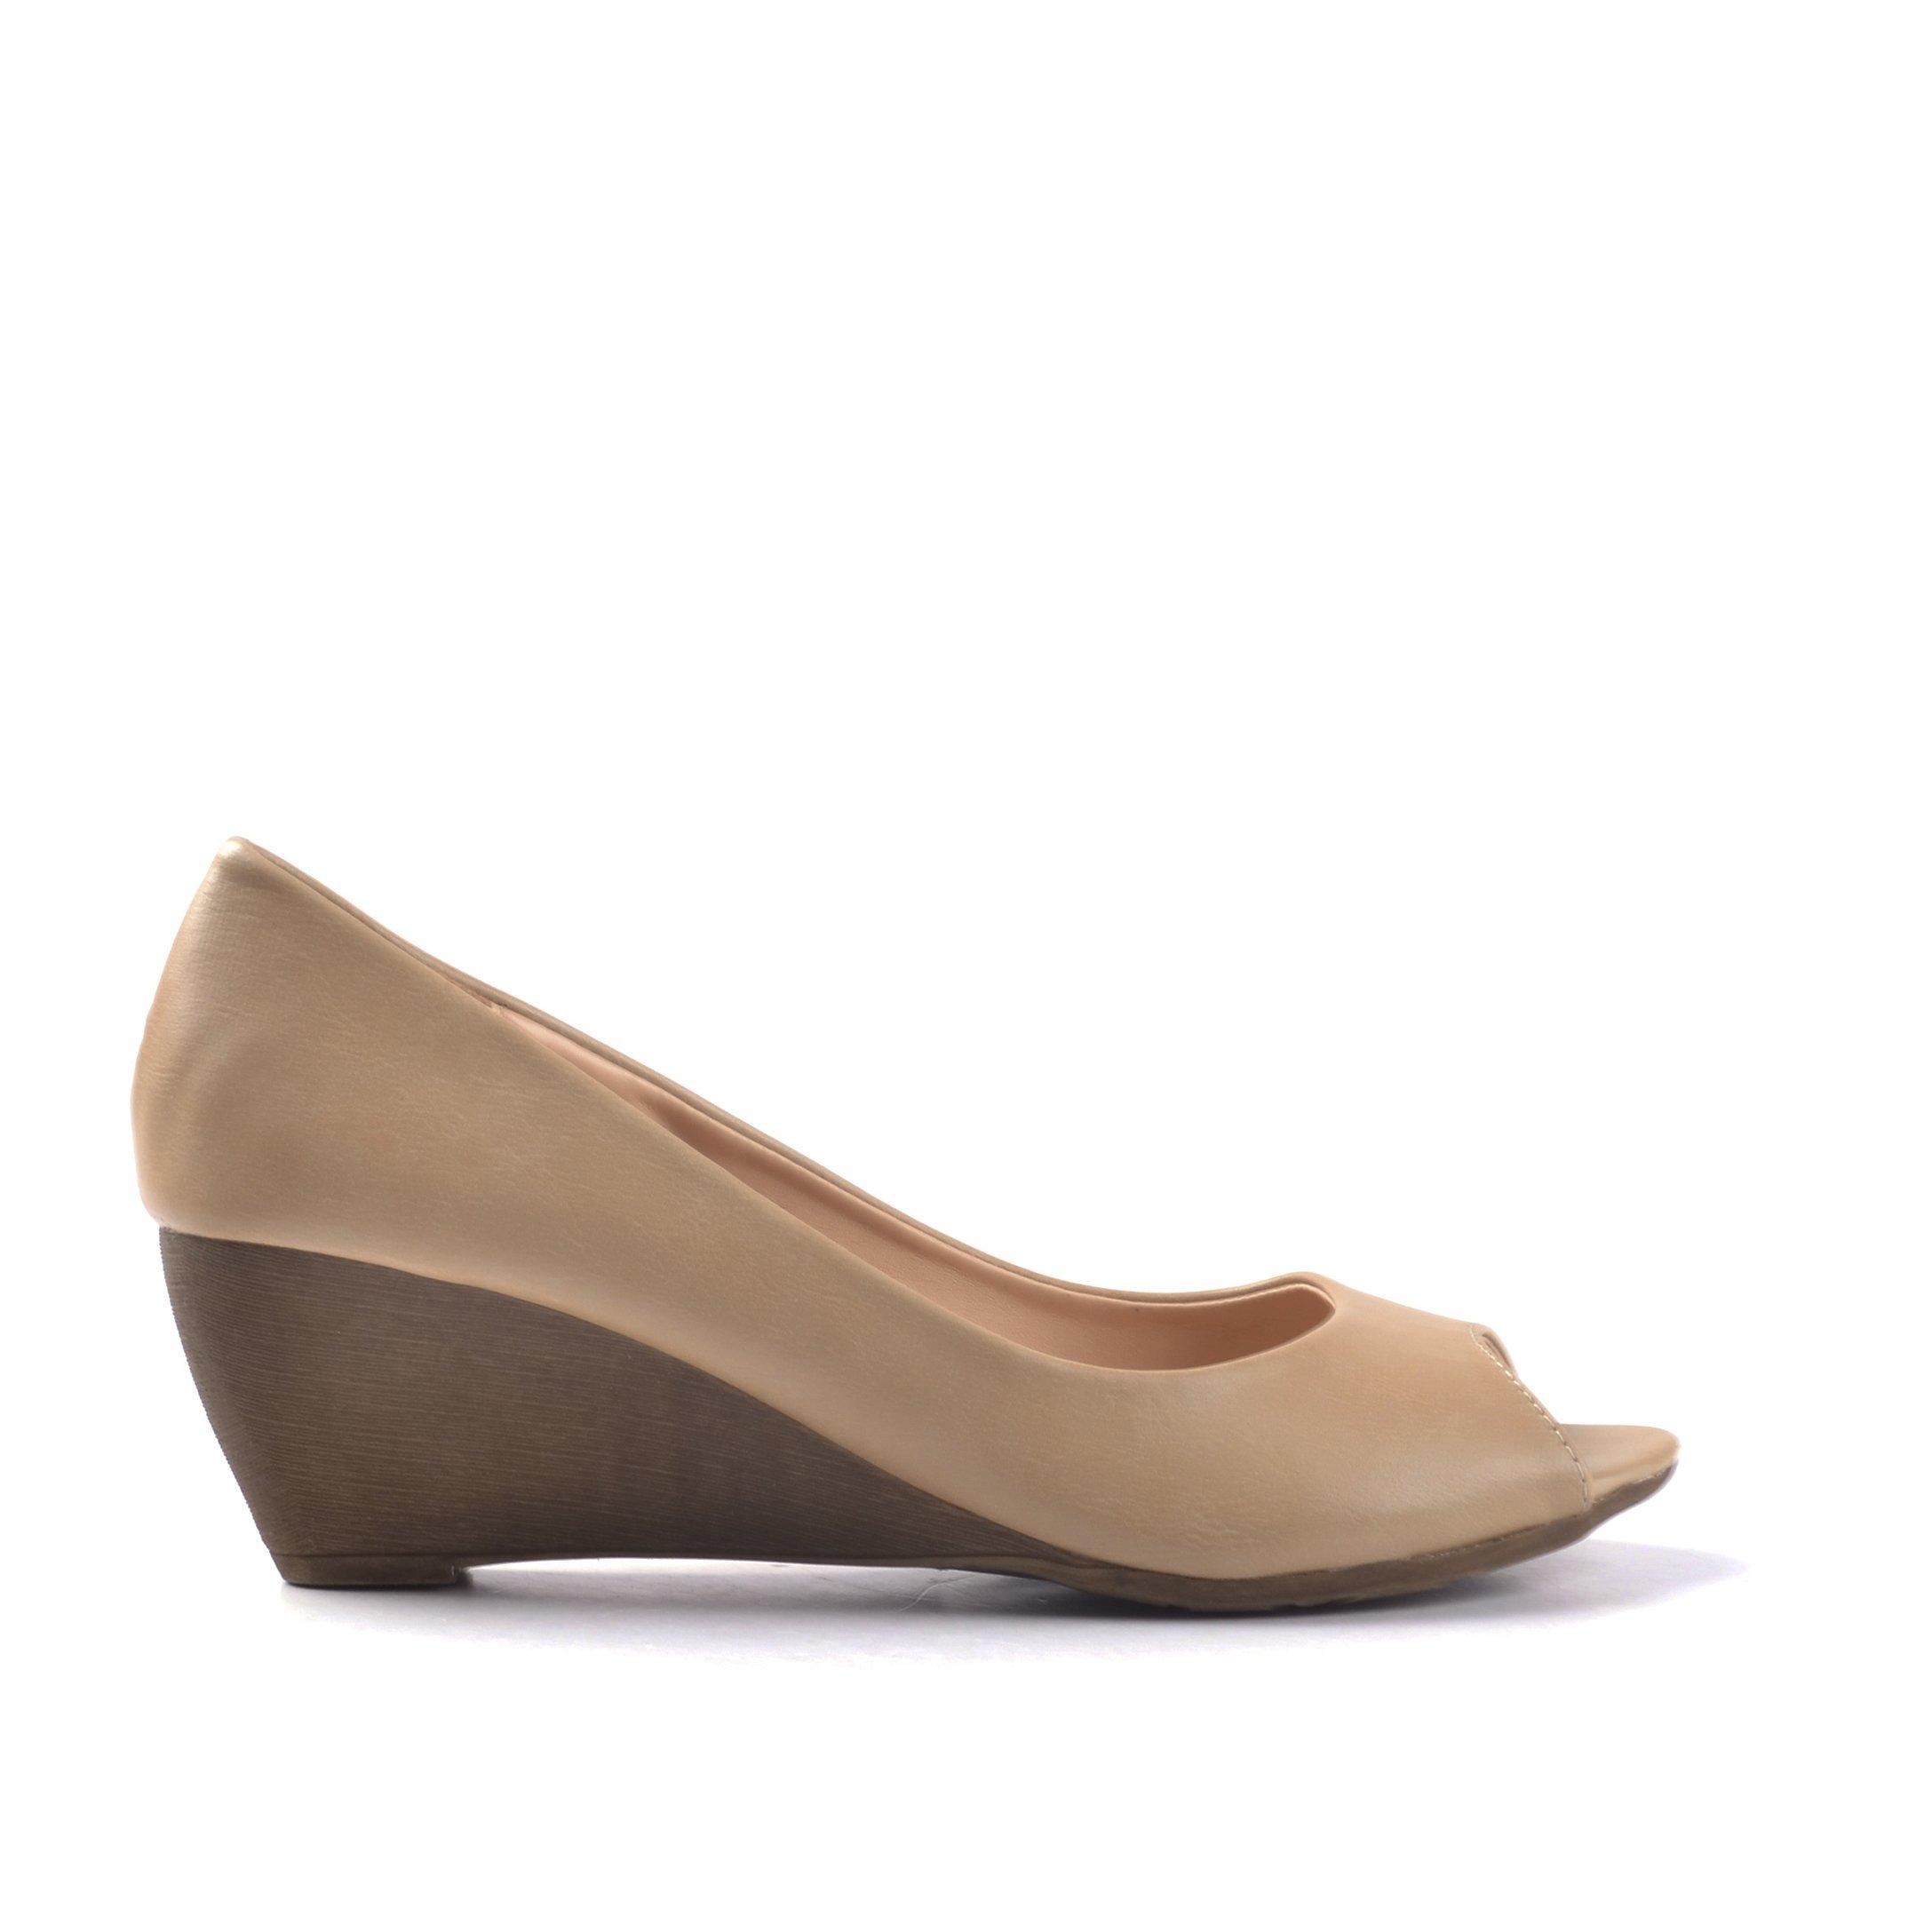 Pantofi dama Callie bej